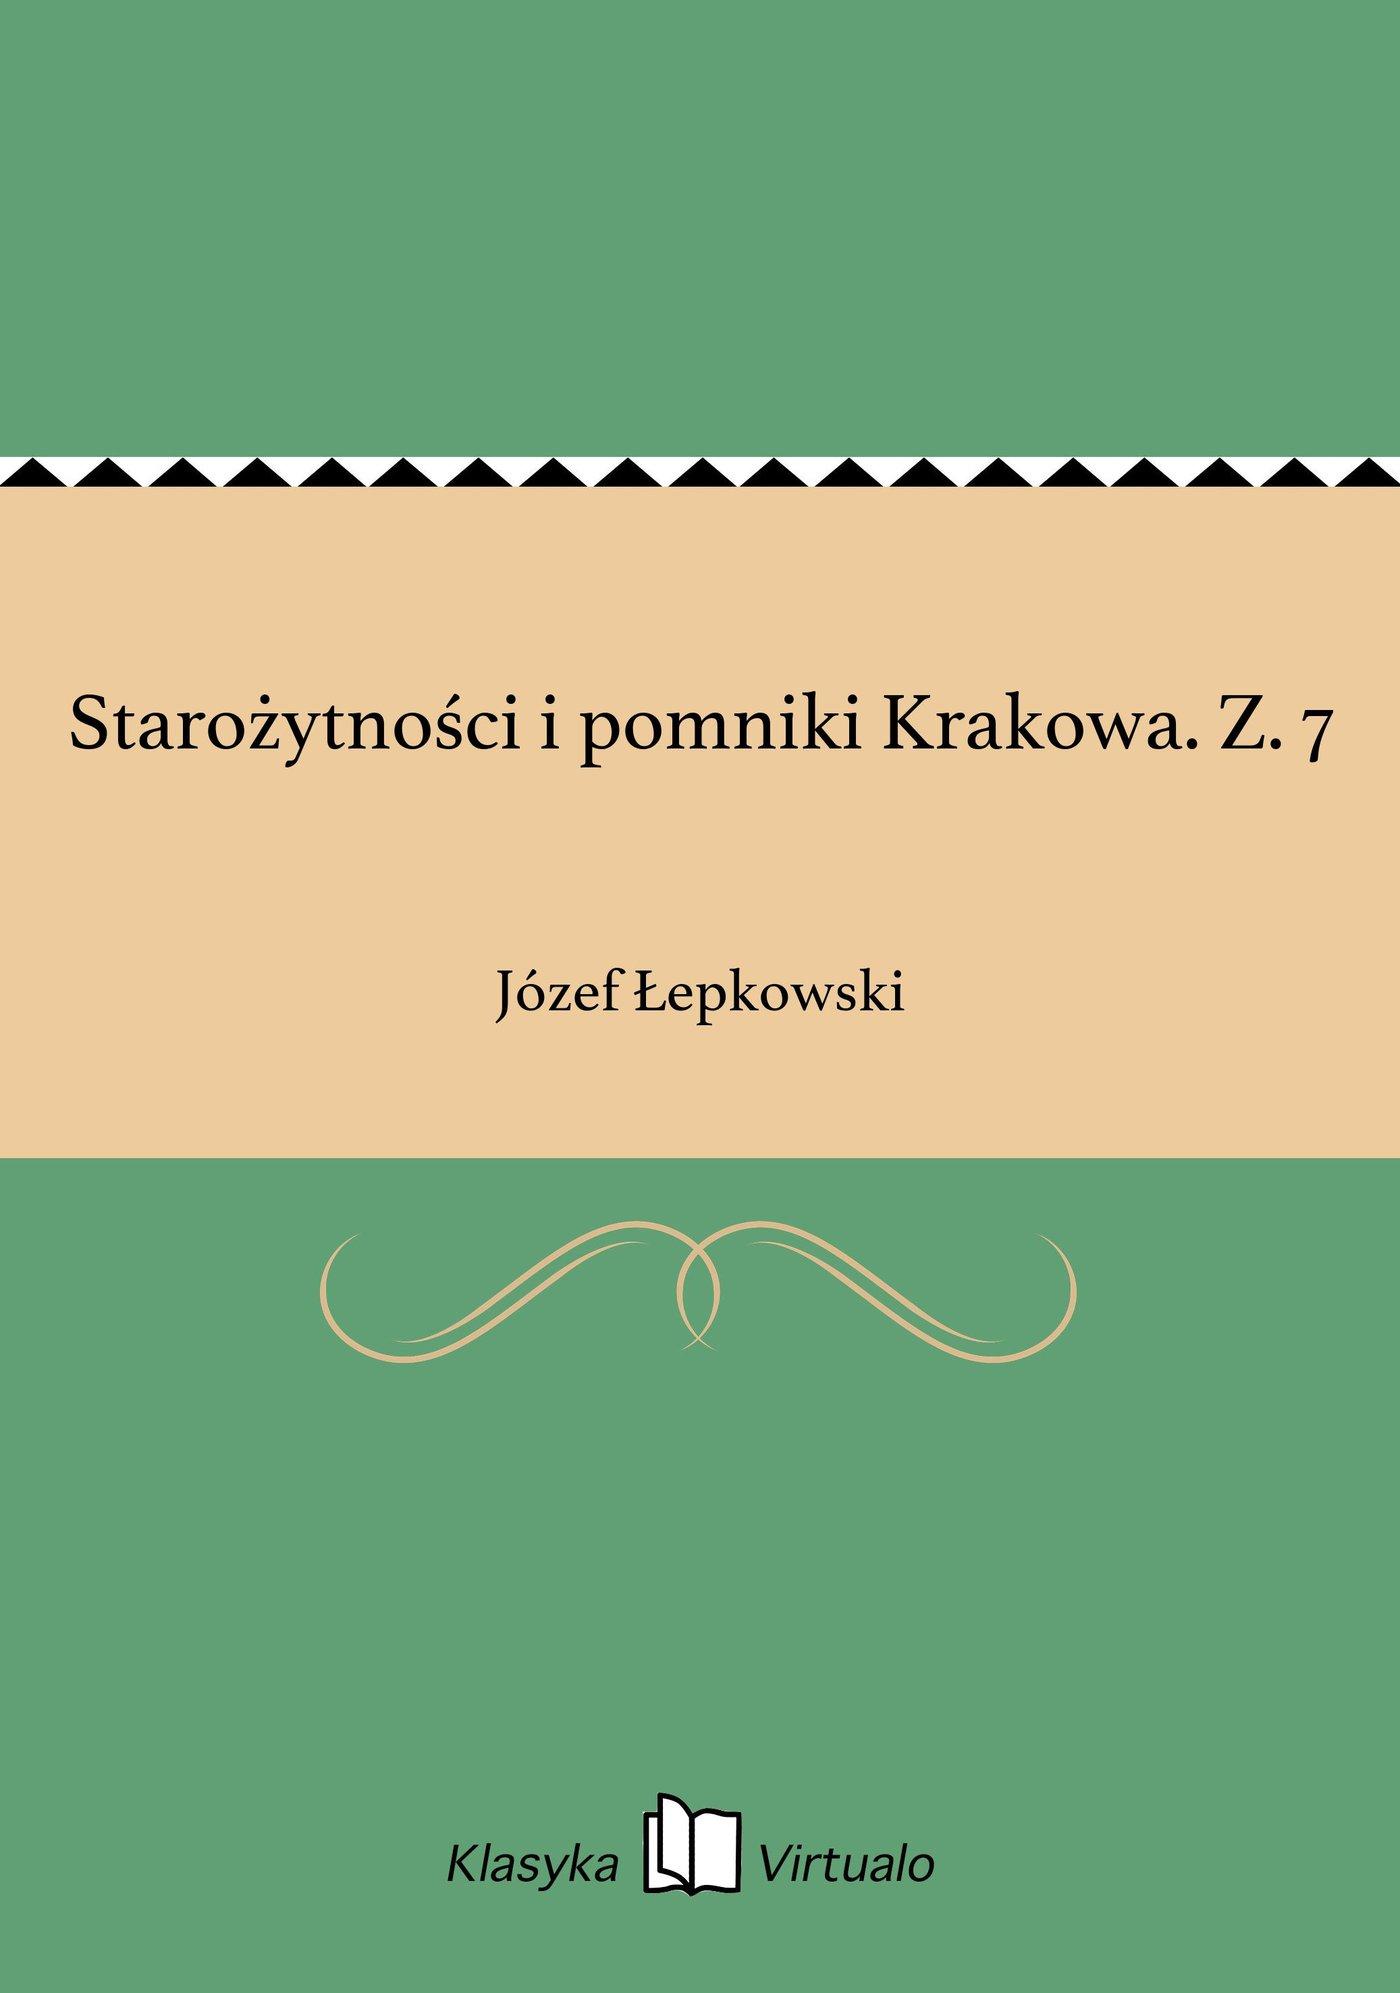 Starożytności i pomniki Krakowa. Z. 7 - Ebook (Książka EPUB) do pobrania w formacie EPUB